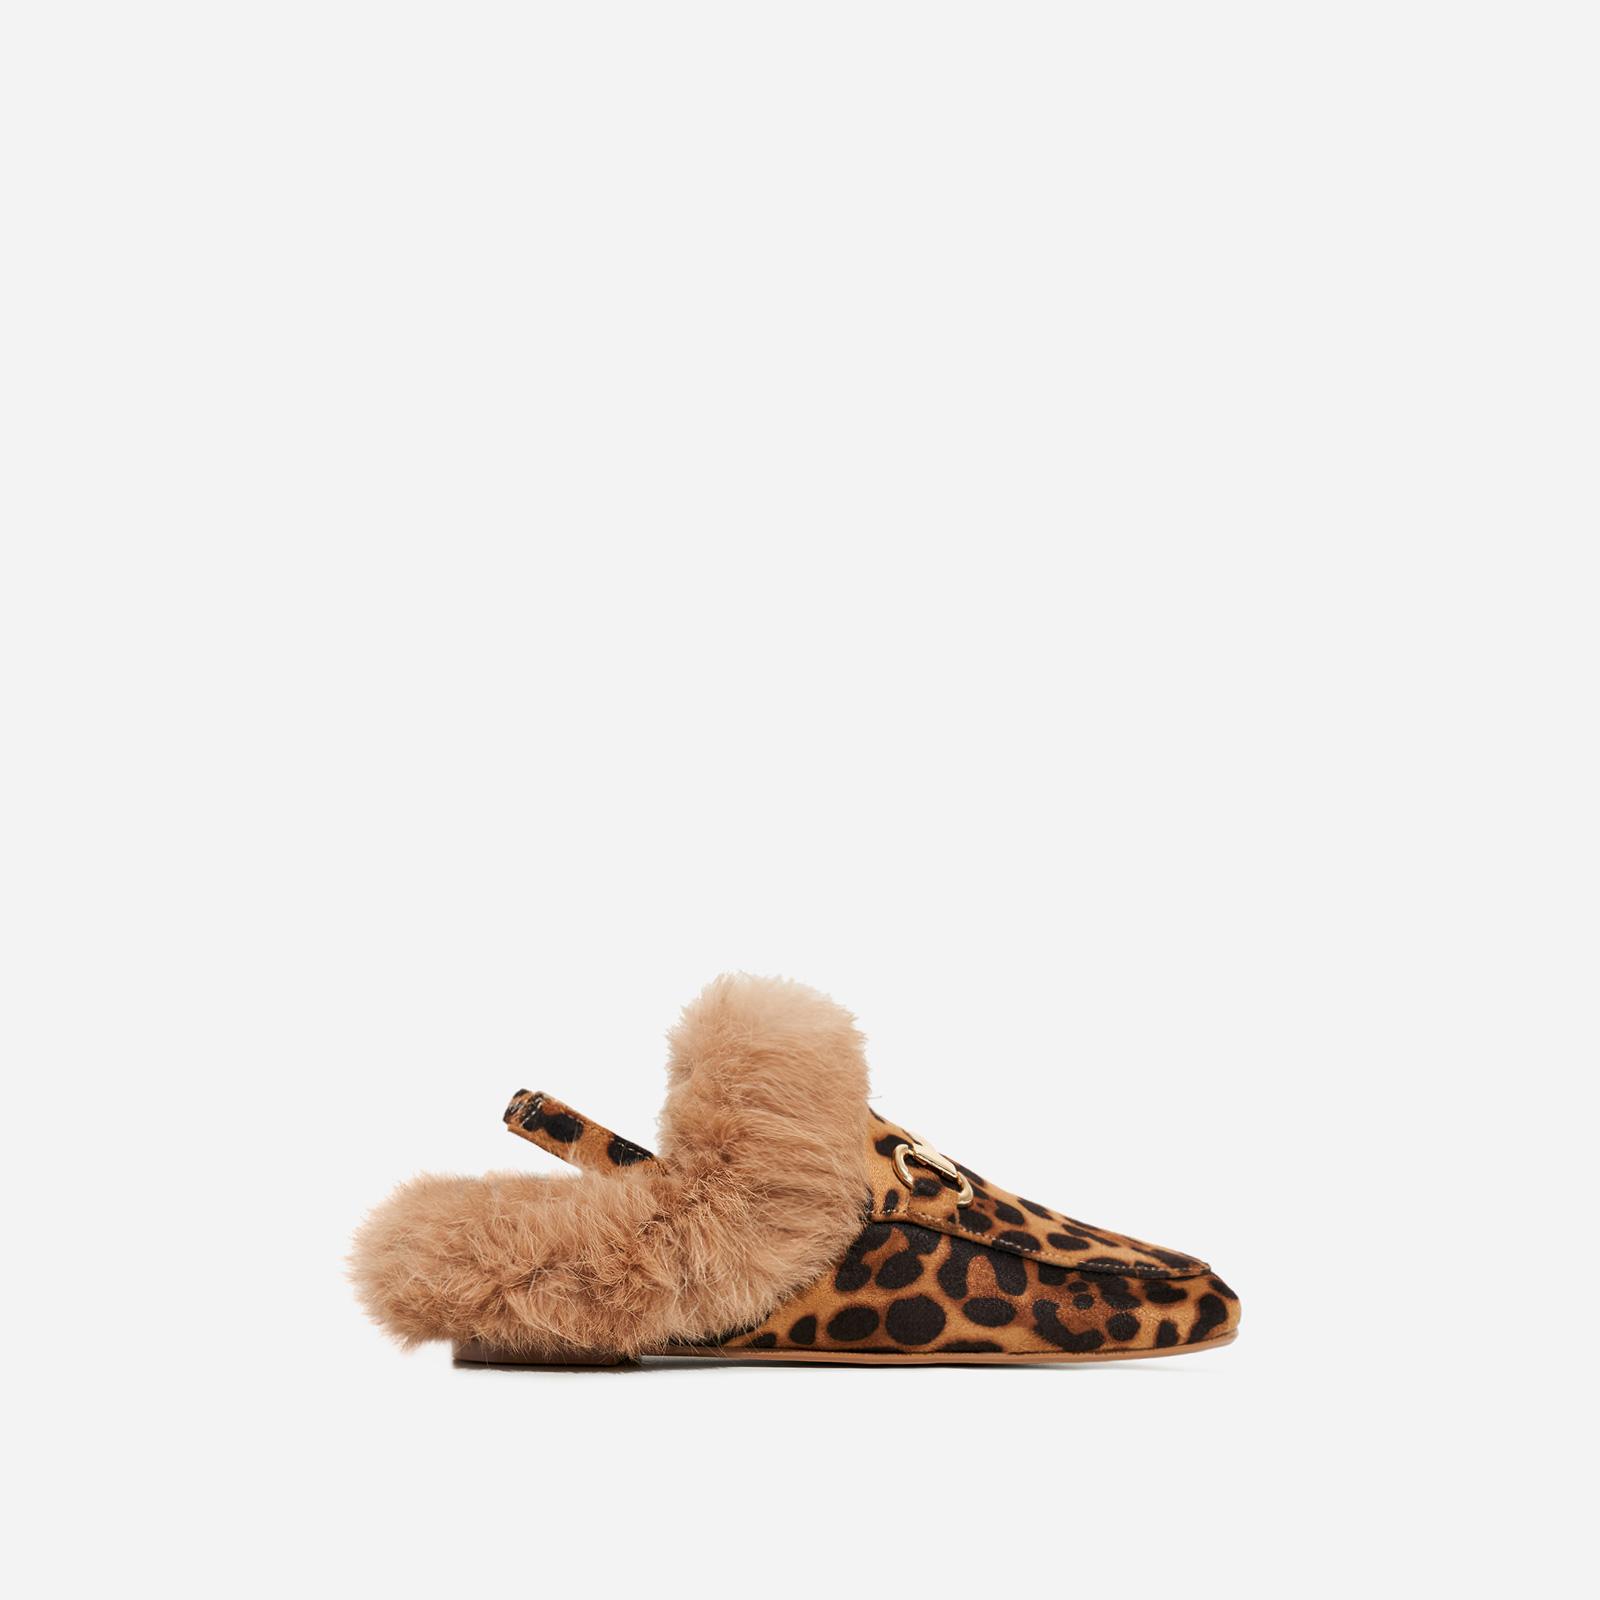 Rio Girl's Sling Back Faux Fur Flat Mule In Tan Leopard Print Faux Suede